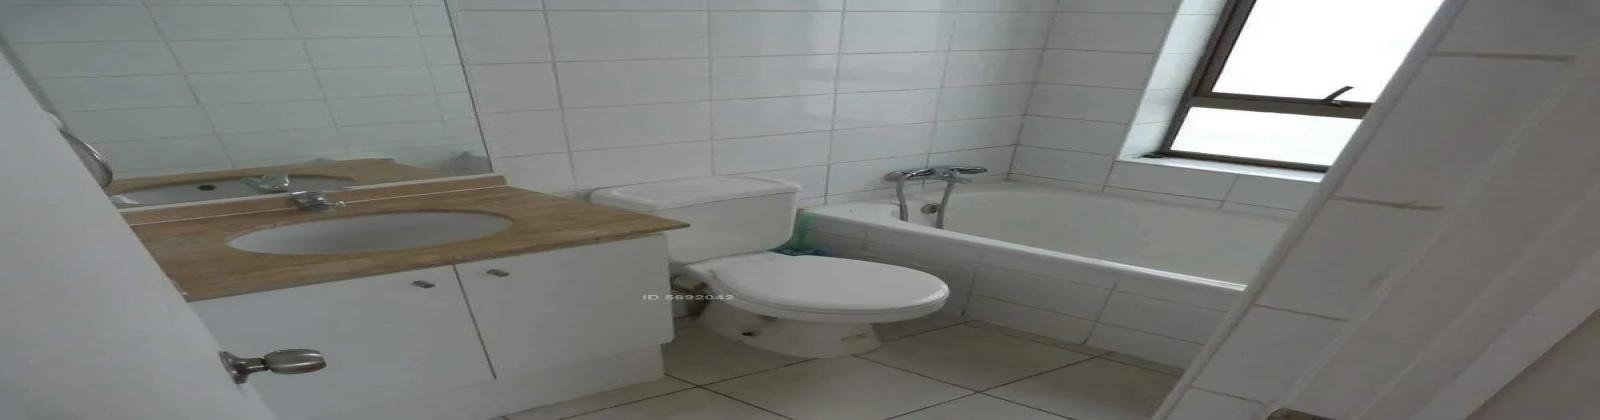 7801 Vicuña Mackenna, La Florida, R. Metropolitana, 2 Habitaciones Habitaciones, ,2 BathroomsBathrooms,Departamento,Arriendo,Vicuña Mackenna,1075